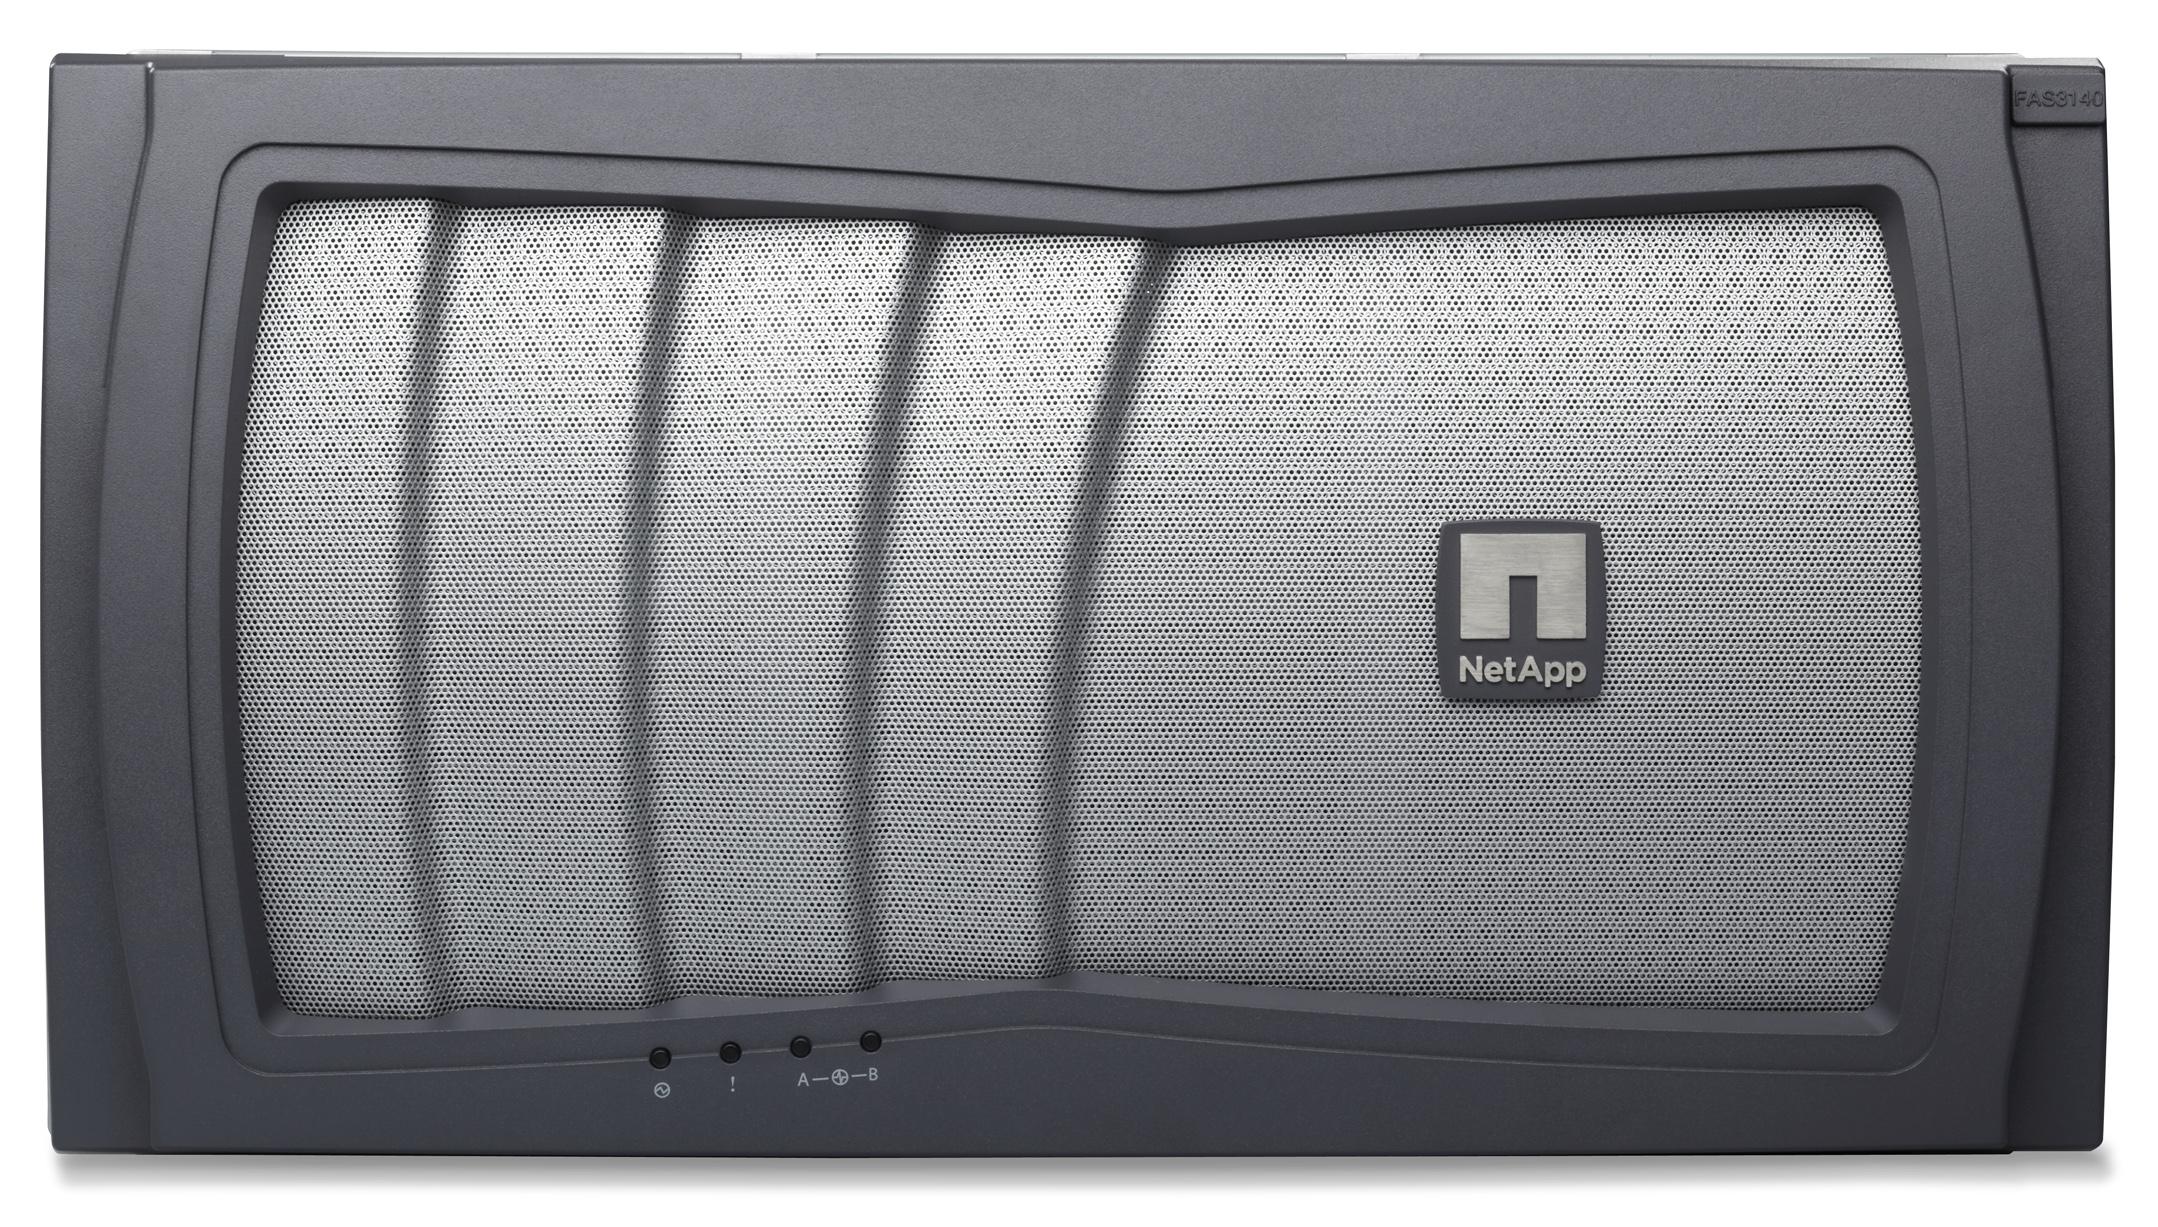 Künftig will sich NetApp mehr um die Bereiche Software und Flash-Storage kümmern. (Bild: NetApp)